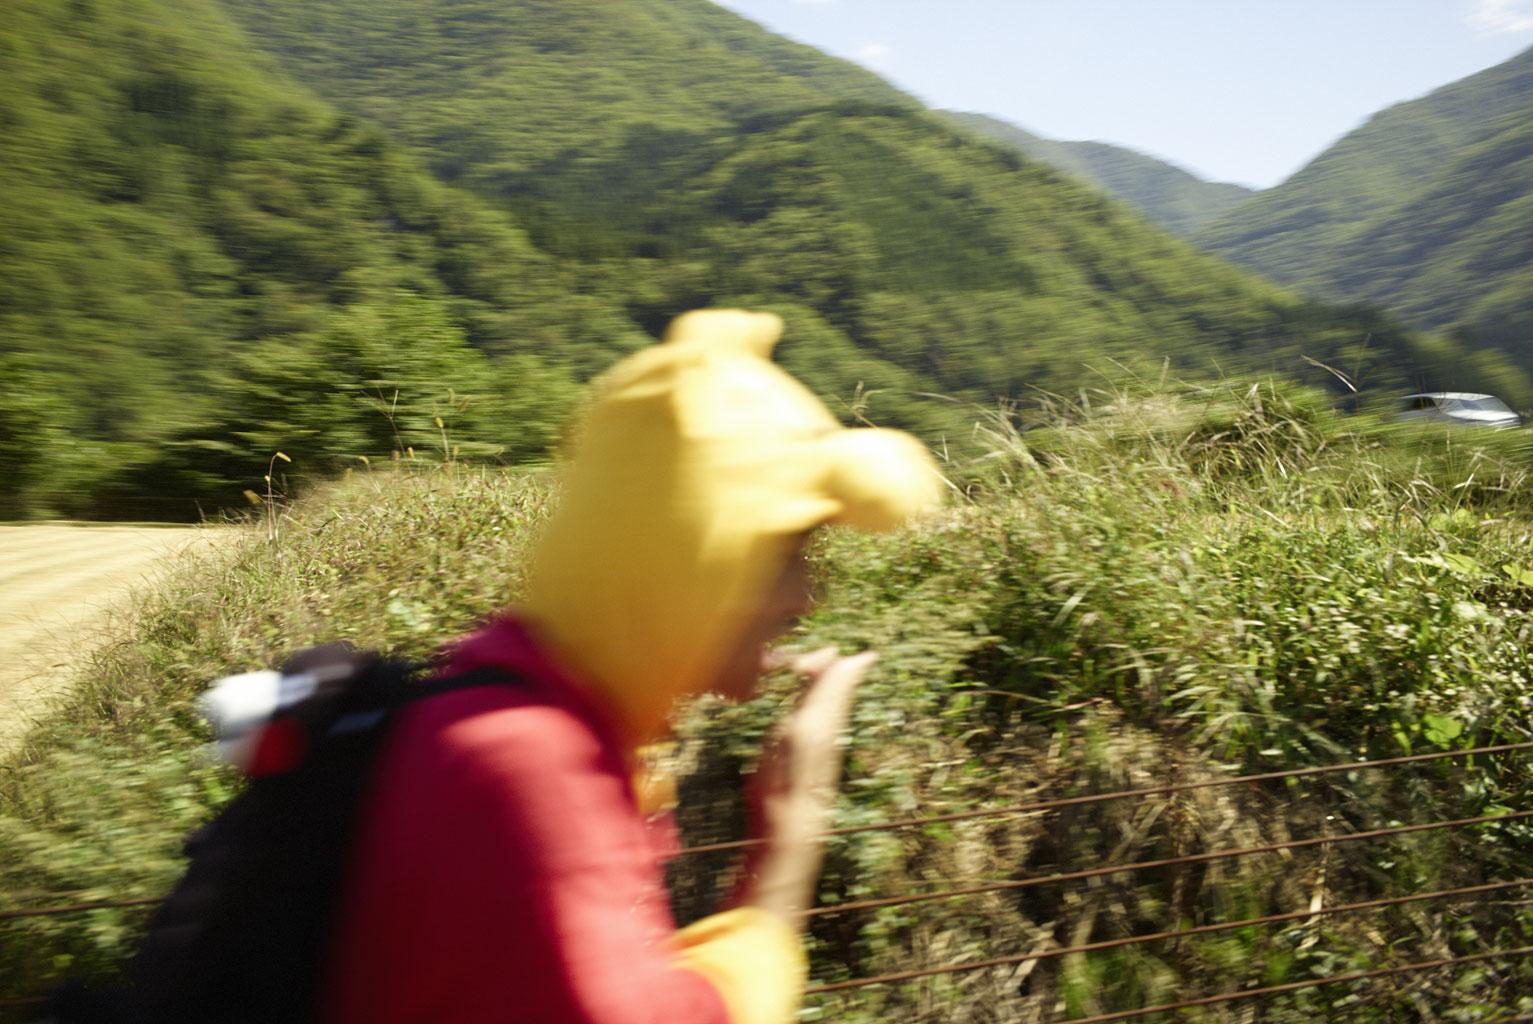 140921_TM_Japan_L_000438.jpg